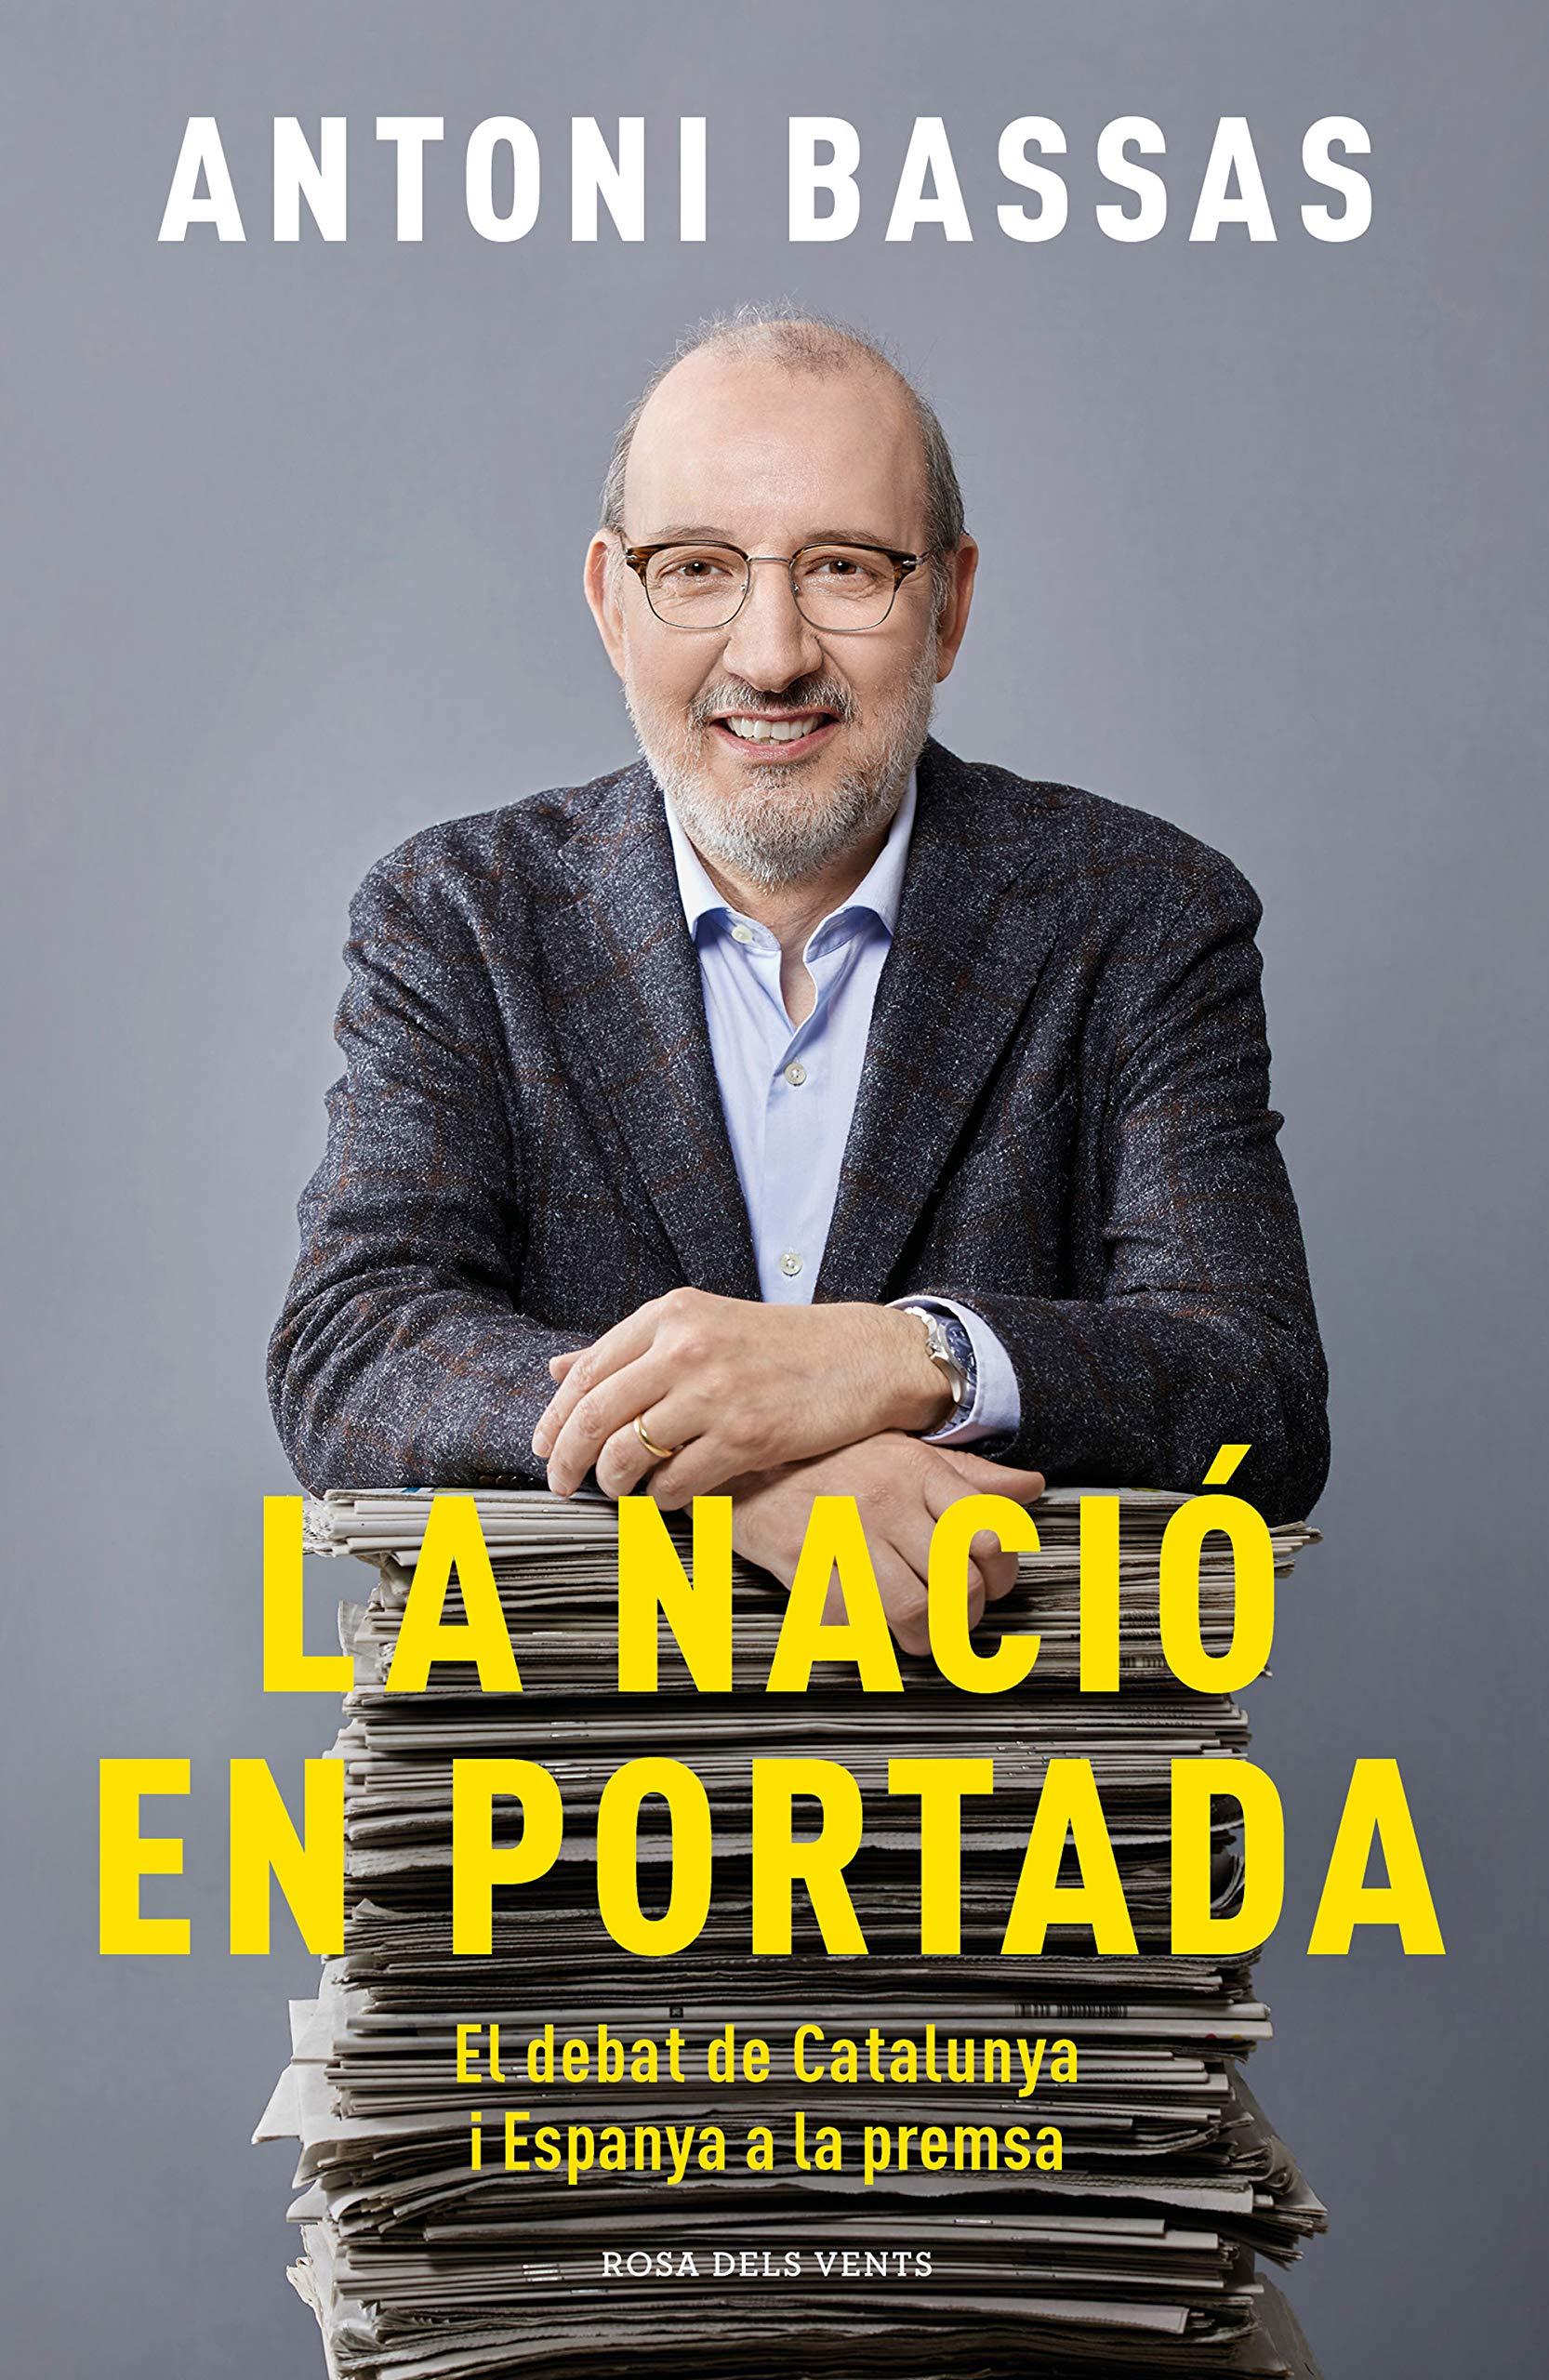 La nació en portada: El debat de Catalunya i Espanya a la premsa (Divulgació)